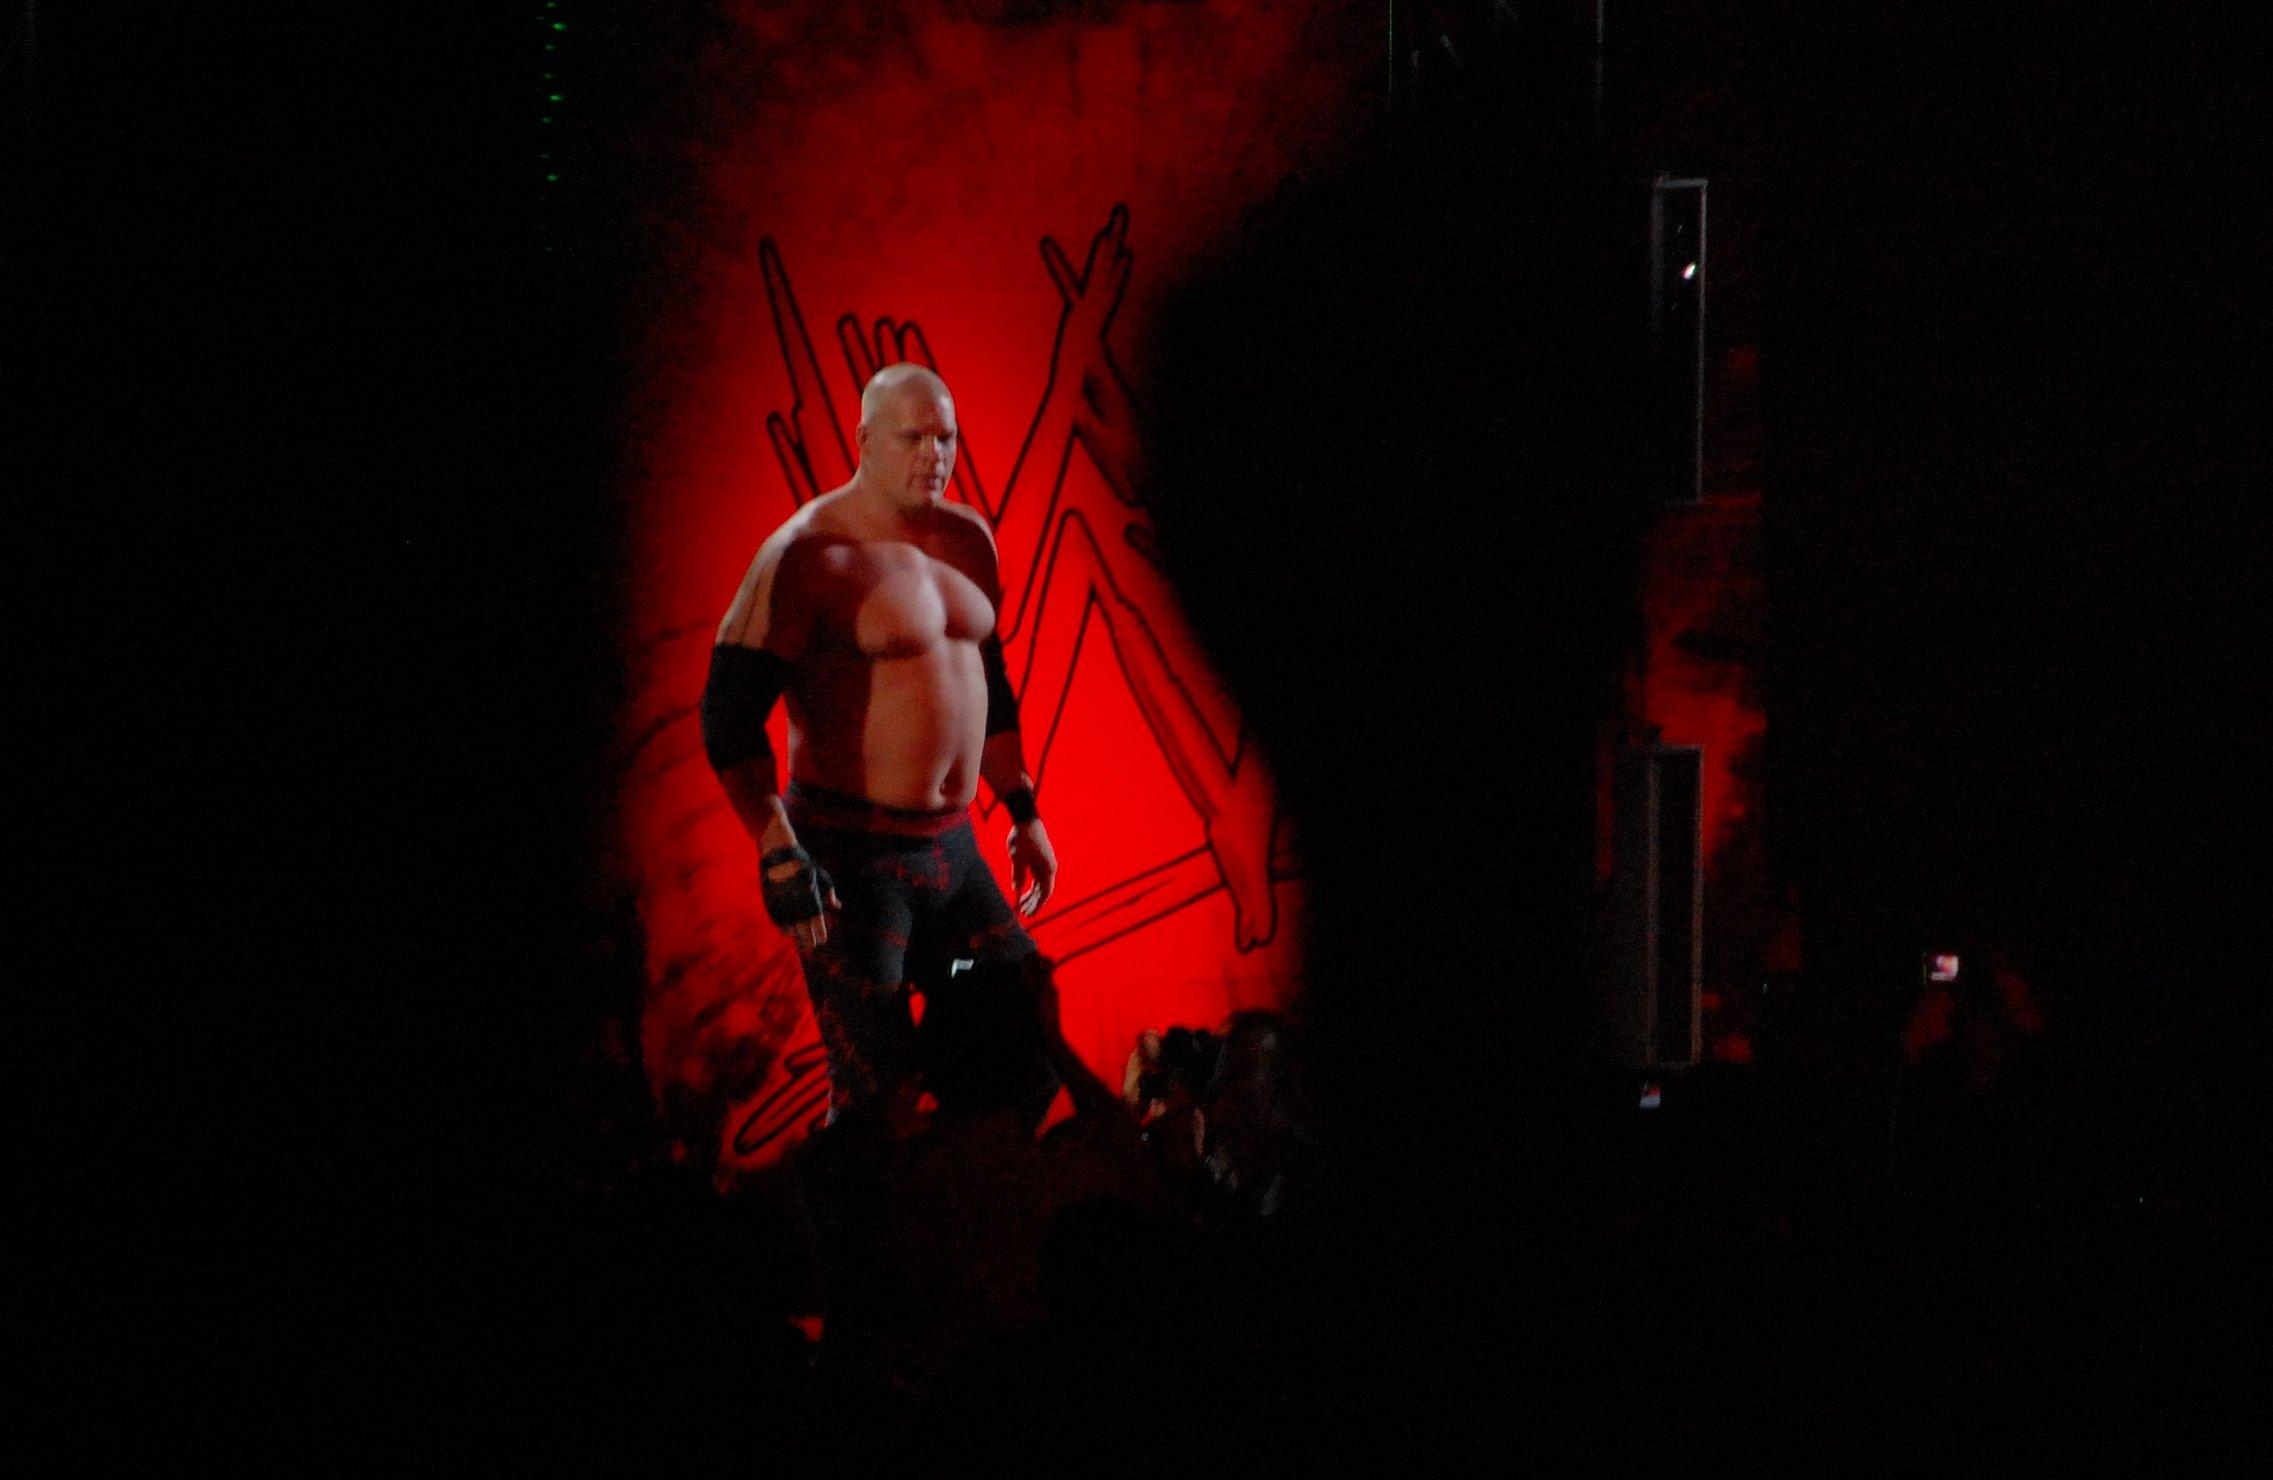 File:Kane is in da house!!!!.... again....jpg - Wikipedia